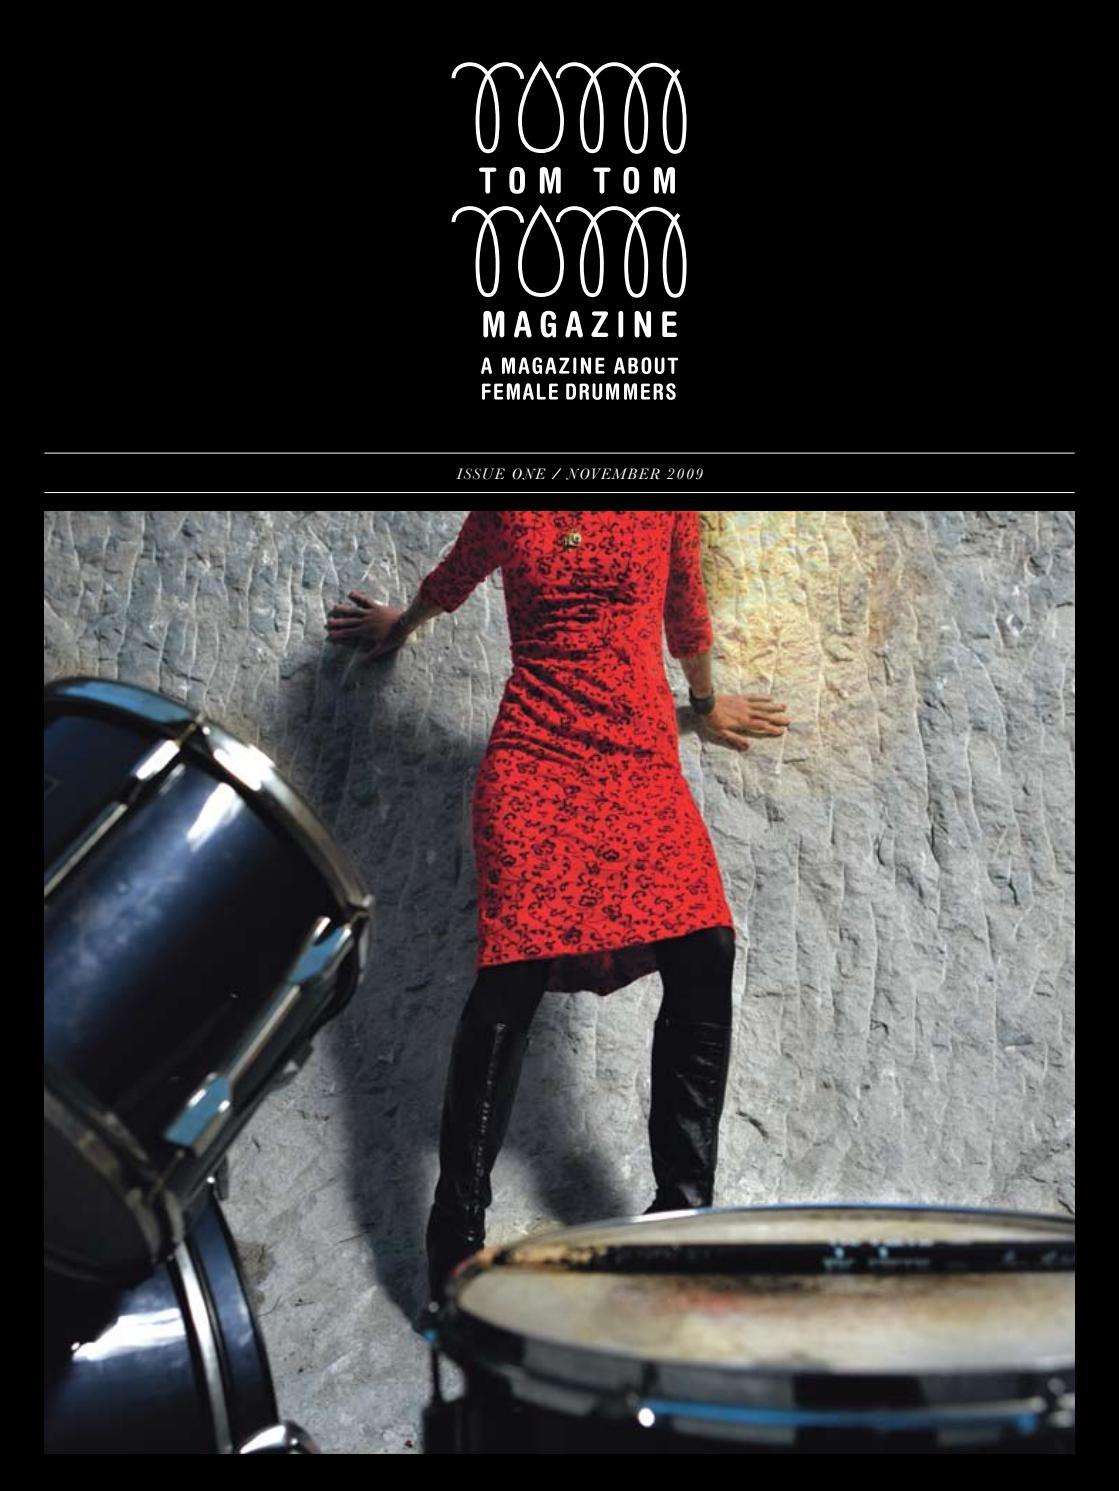 c416728d350 Tom Tom Magazine Issue 1 by Tom Tom Magazine - issuu